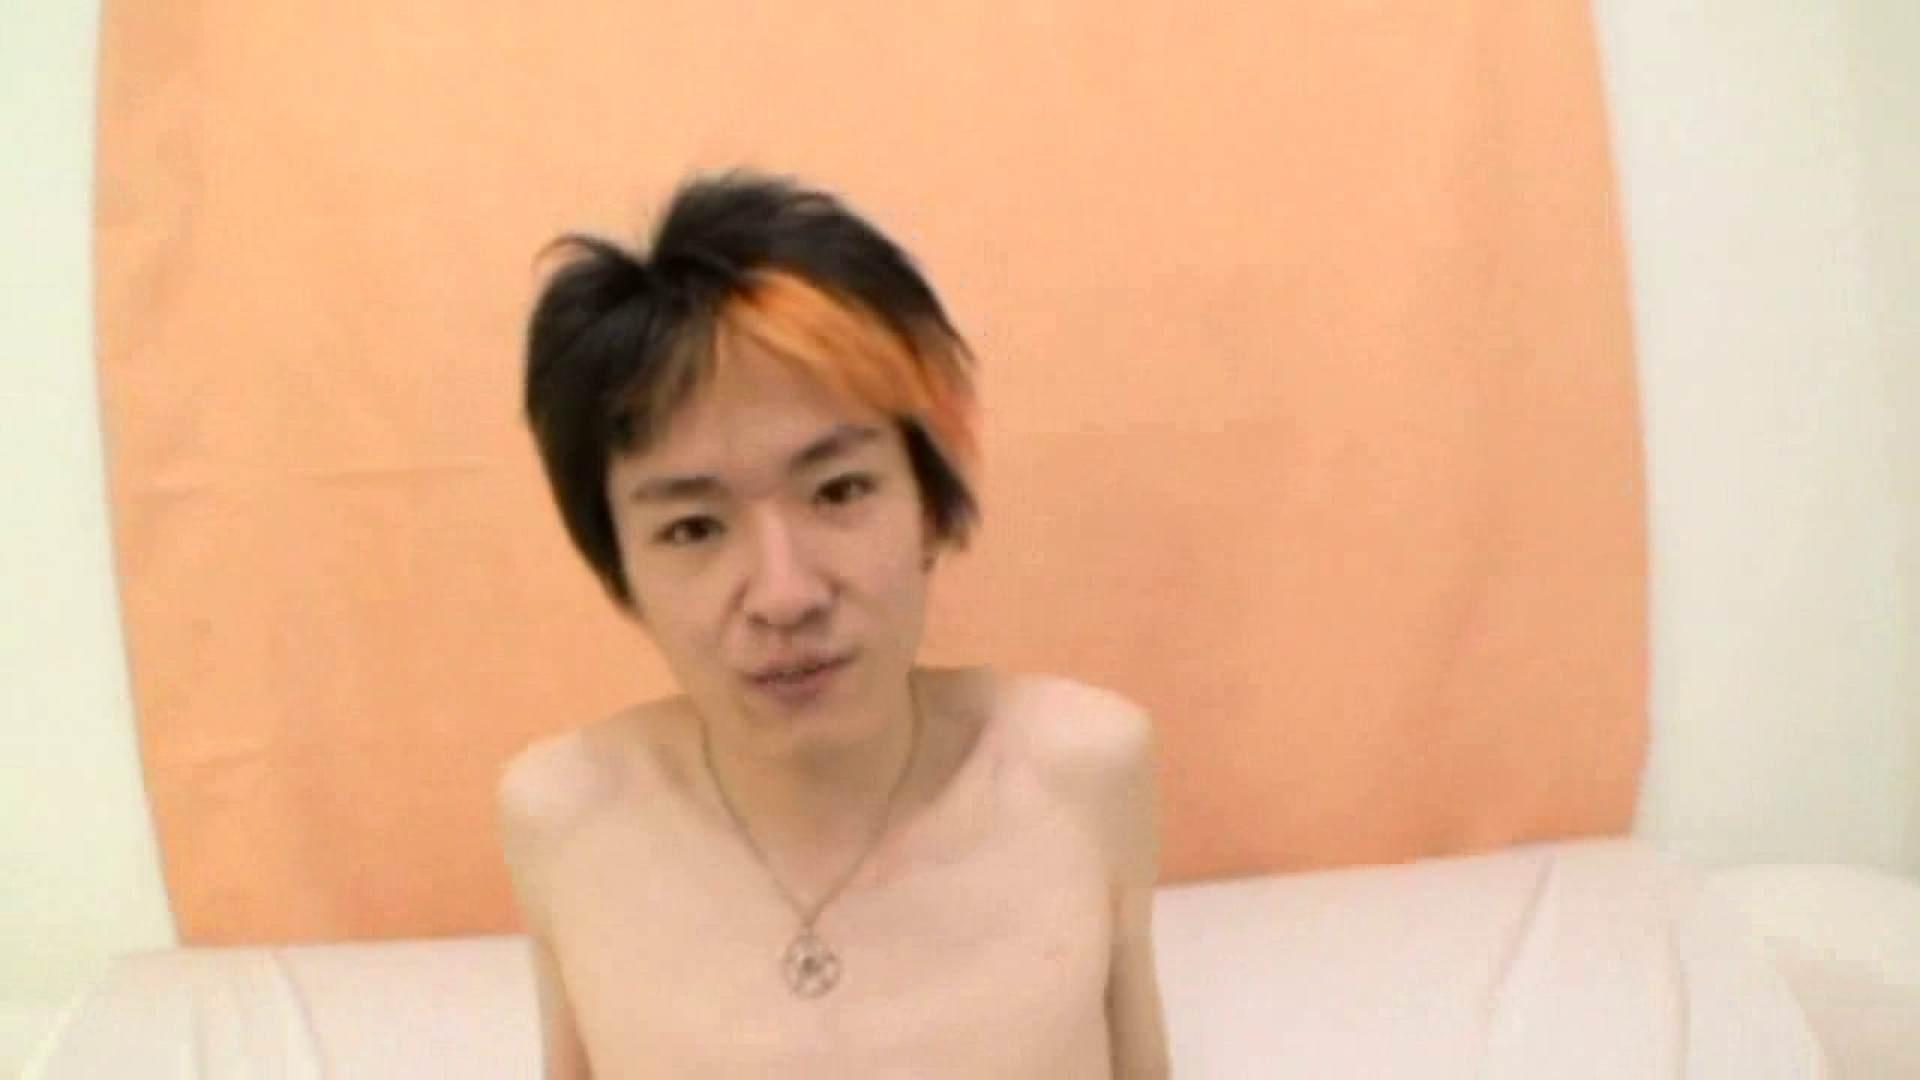 亜細亜のイケメンがイクっ!File.04 オナニー   イメージ(裸) アダルトビデオ画像キャプチャ 13連発 13